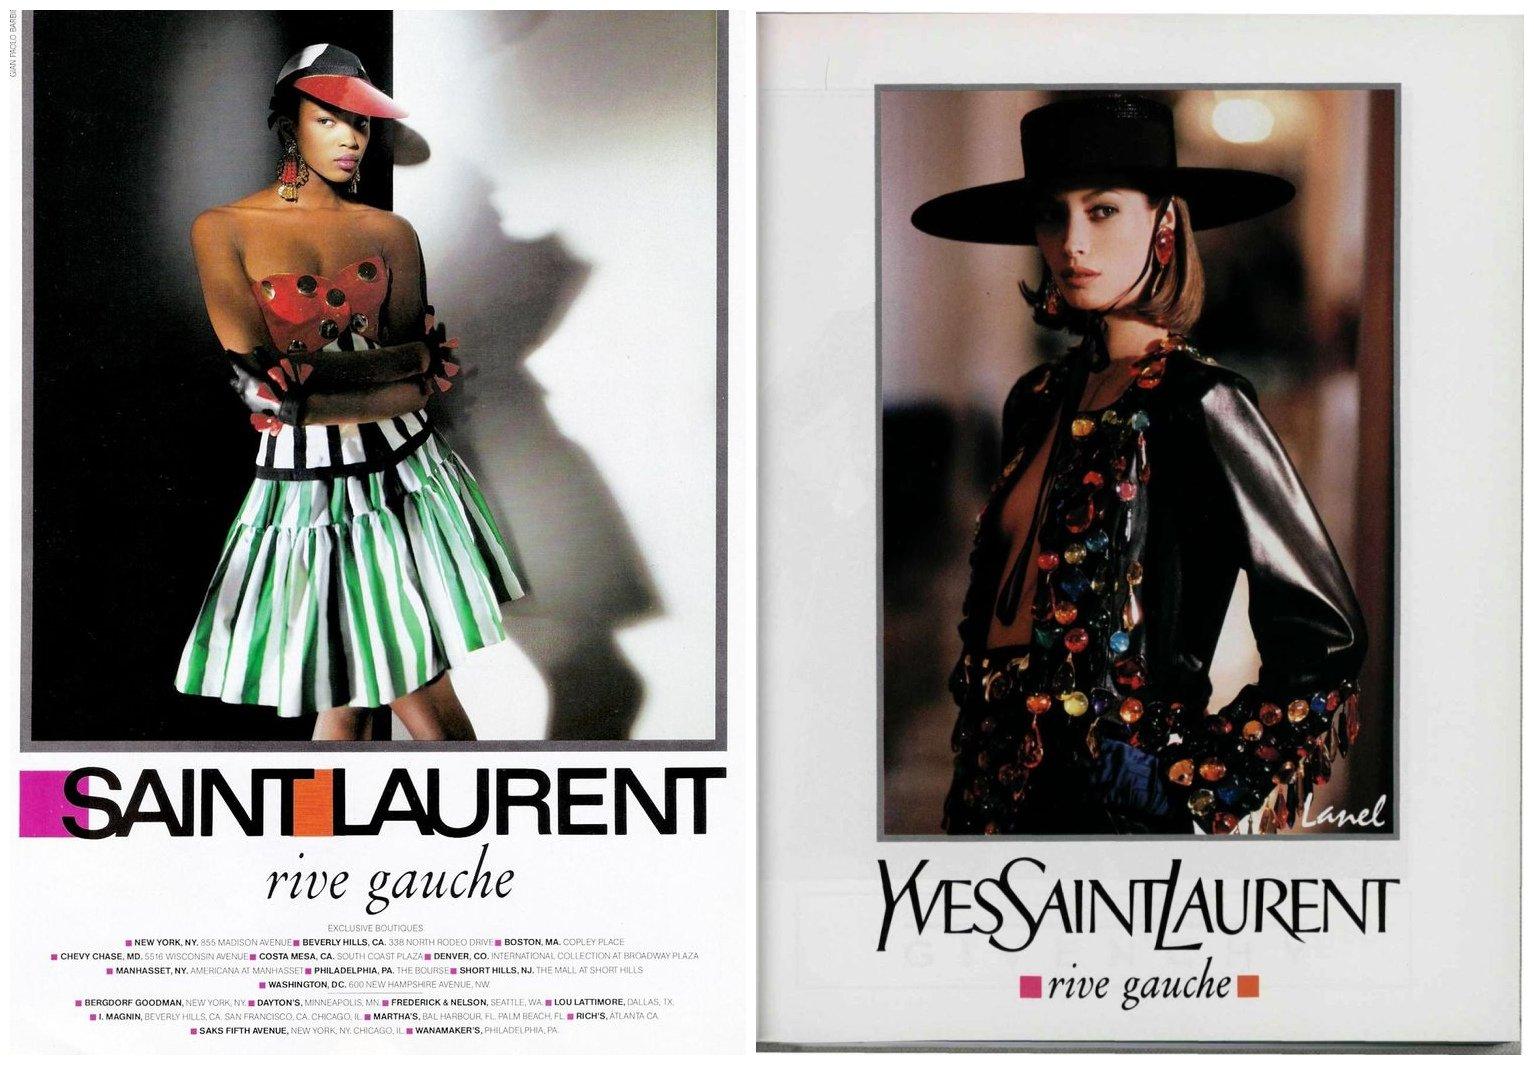 左:Saint Laurent 广告;右:Yves Saint Laurent广告